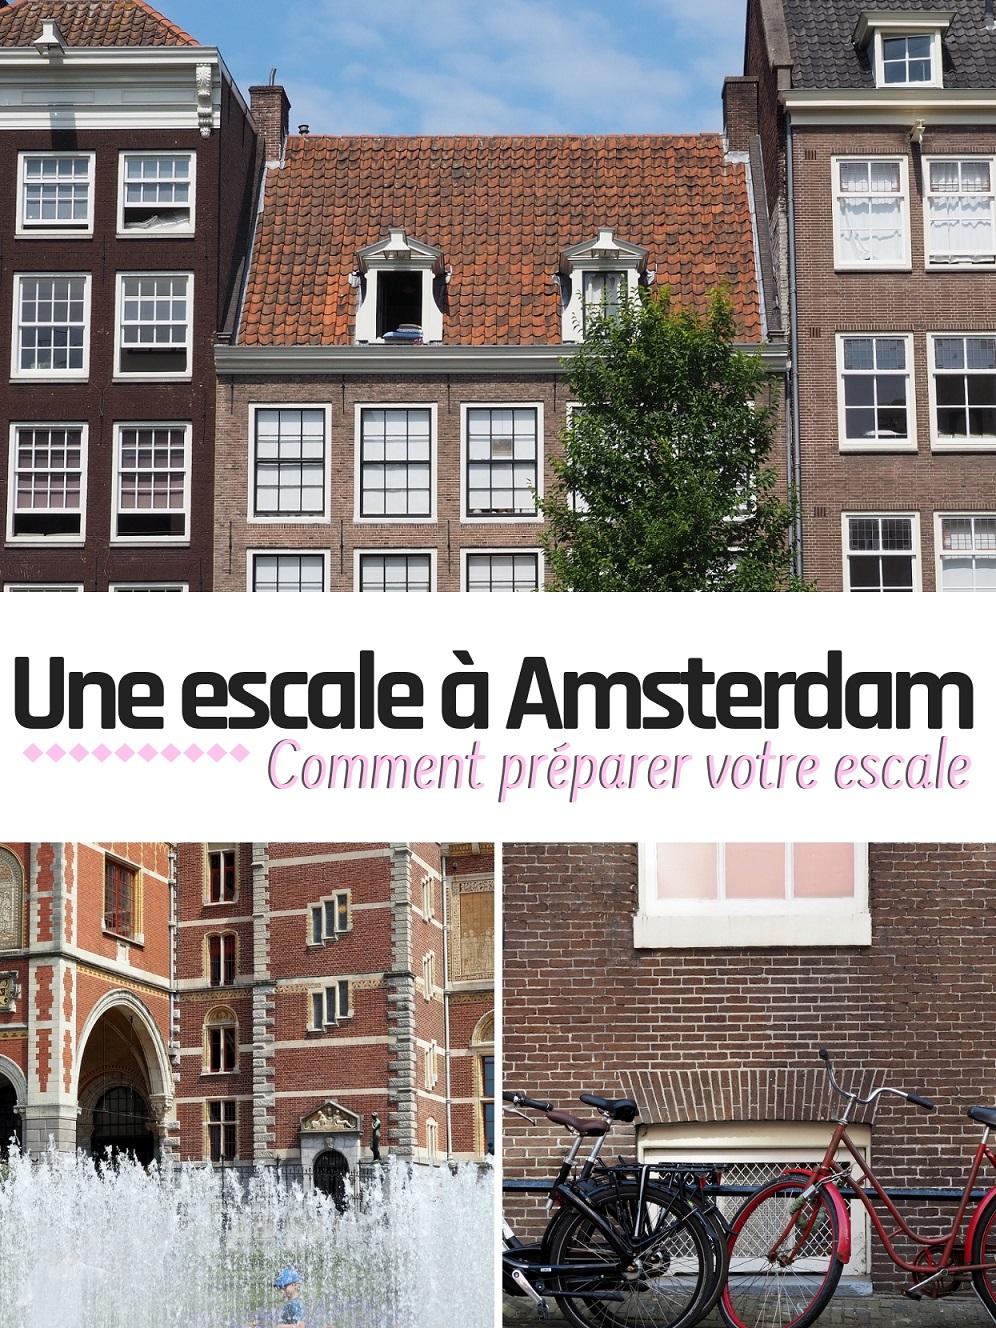 Une escale à Amsterdam : 12h pour visiter la ville Faites d'une longue escale une opportunité pour découvrir une ville. Lisez ces conseils pour vous préparer à la recherche d'une escale.